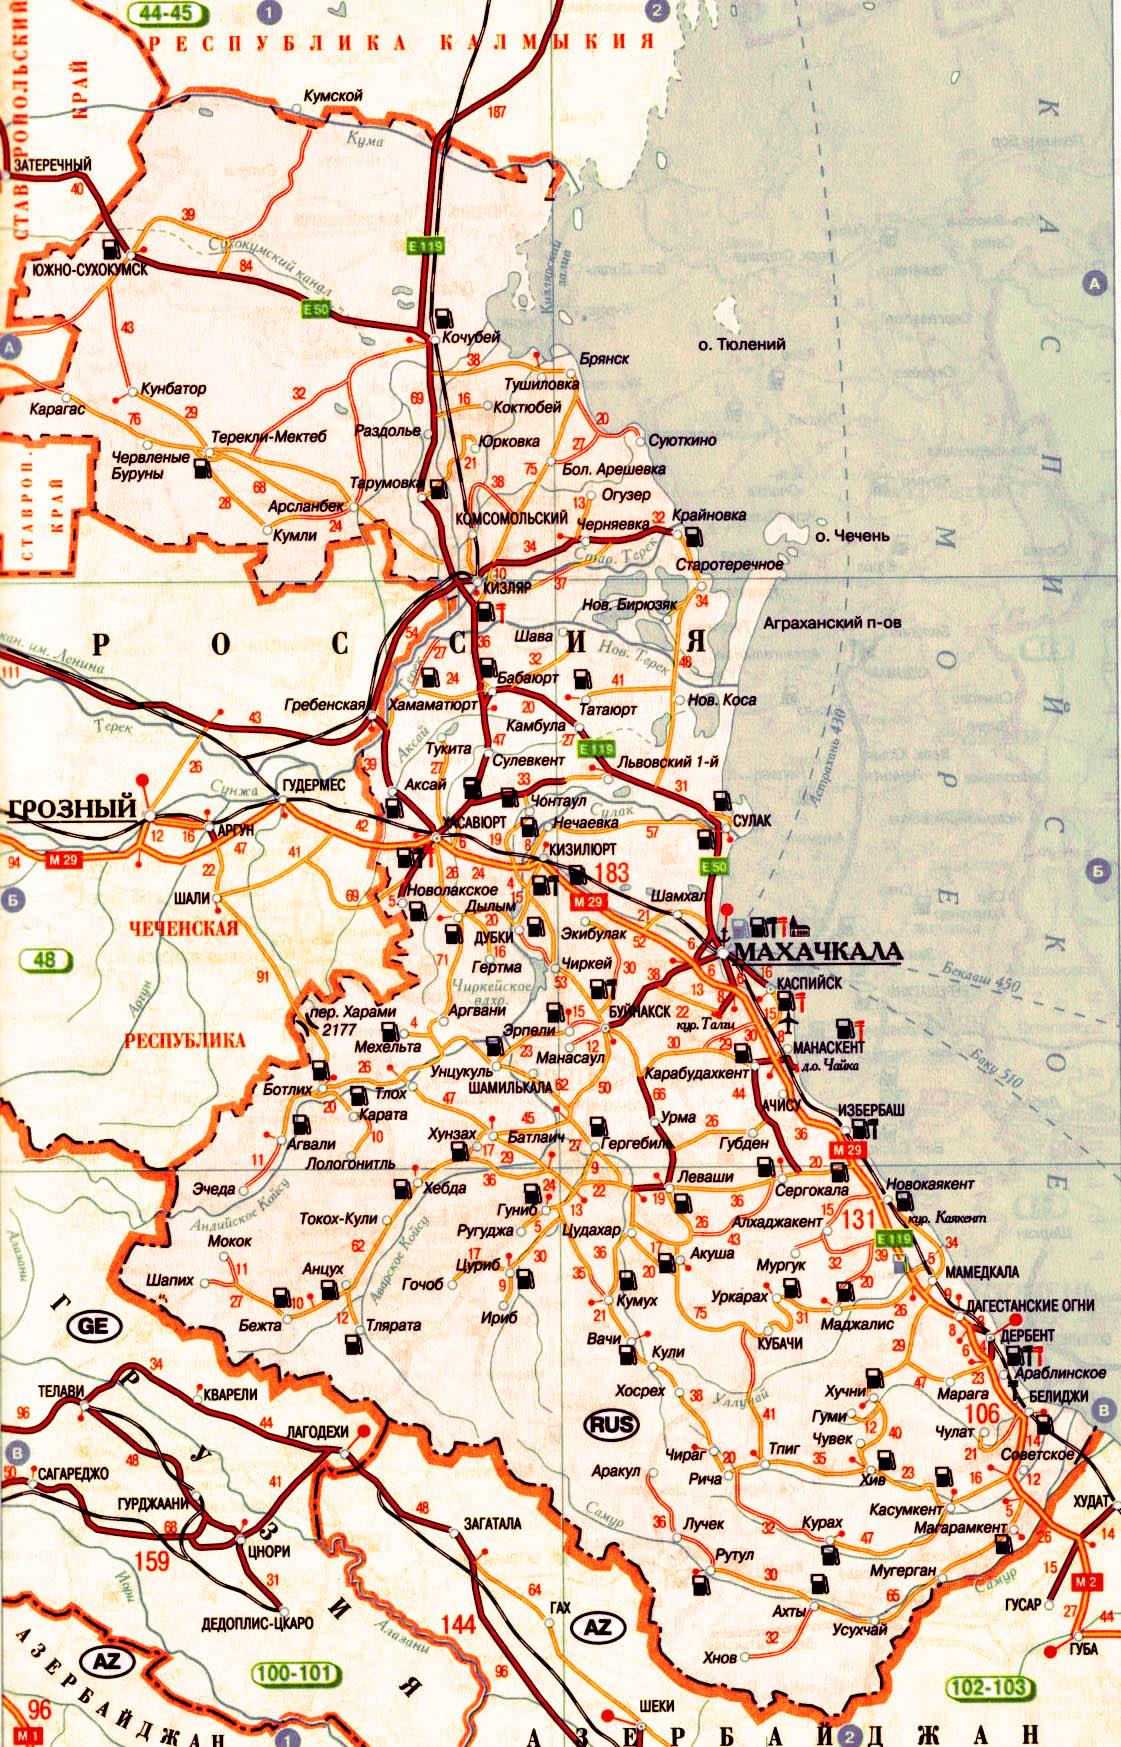 Карта Дагестана.  Подробная схема автомобильных дорог республики Дагестан.